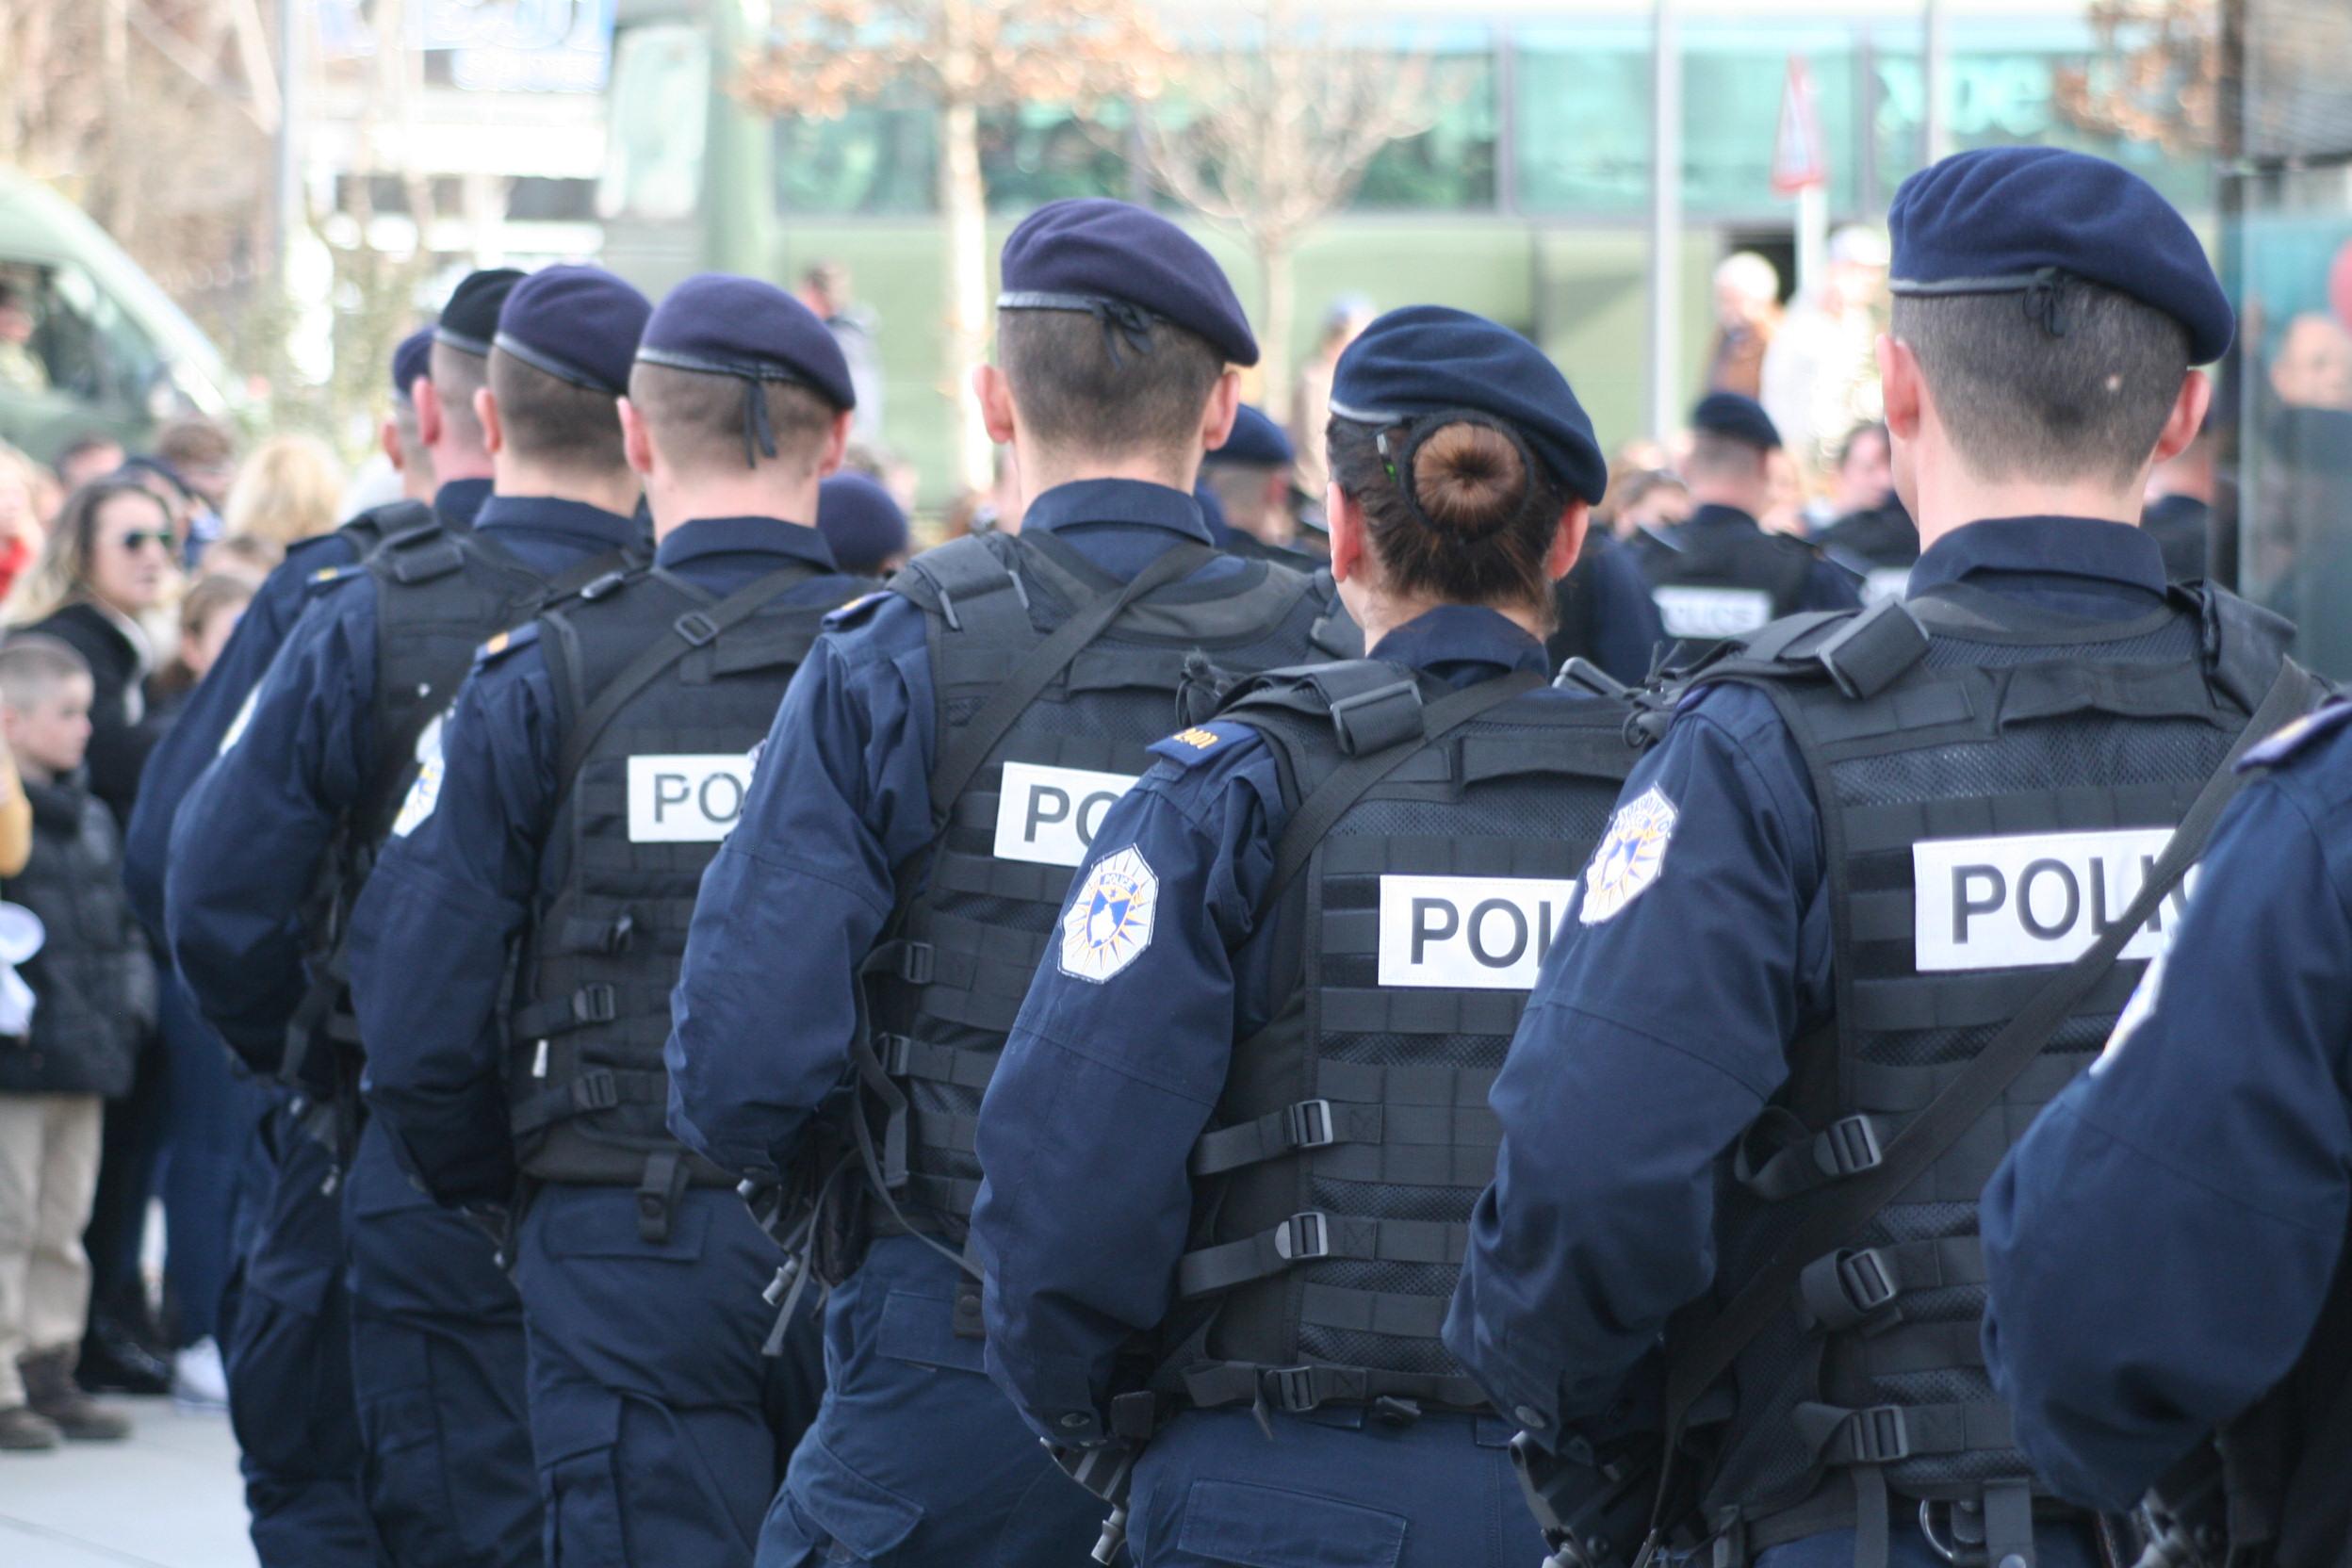 1st Kosovar Albanian arrested on war crime charges